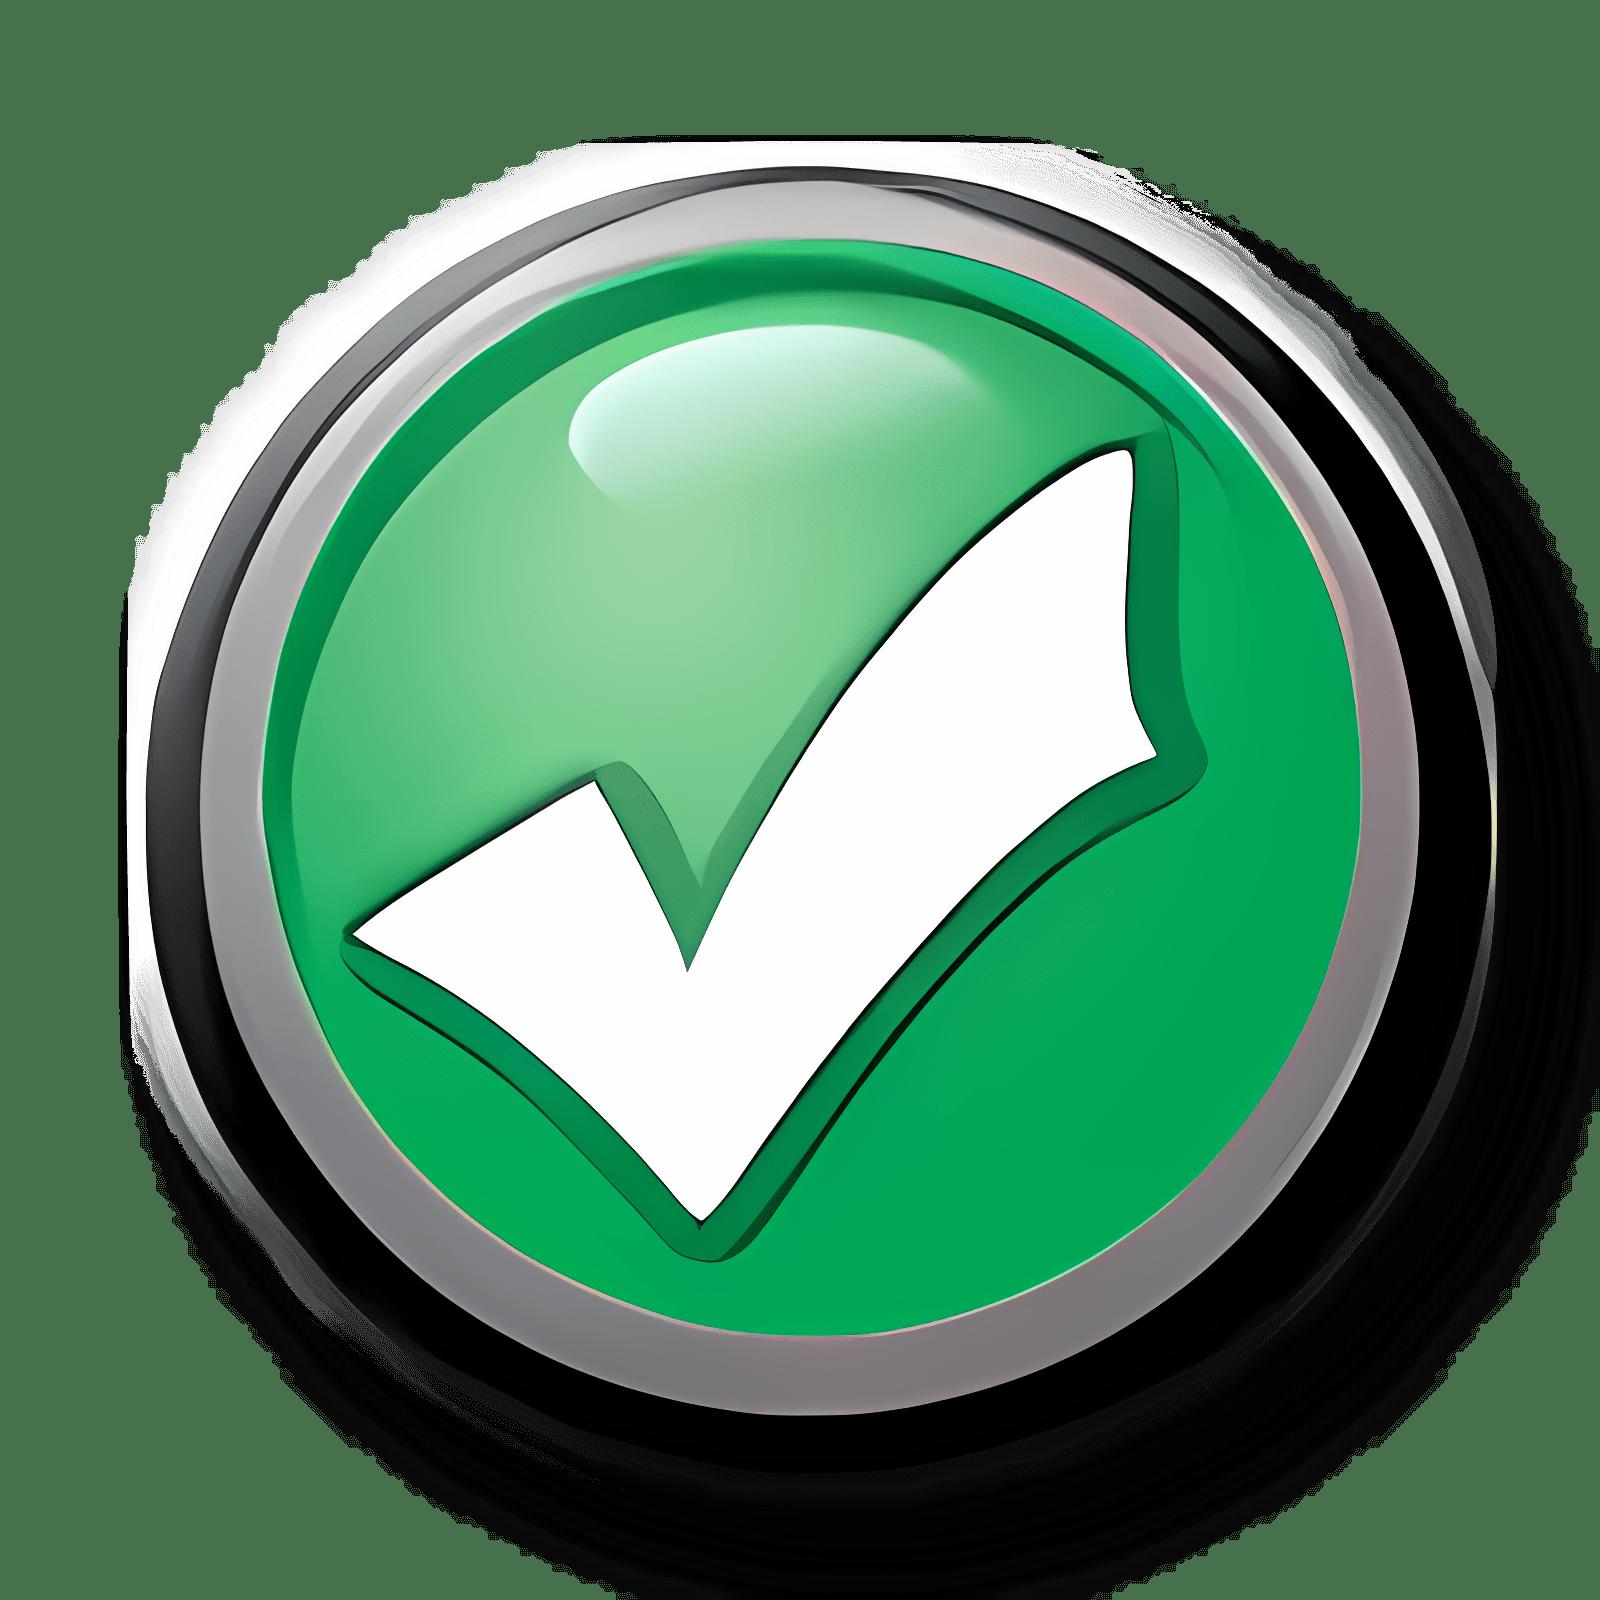 McAfee SiteAdvisor Plus